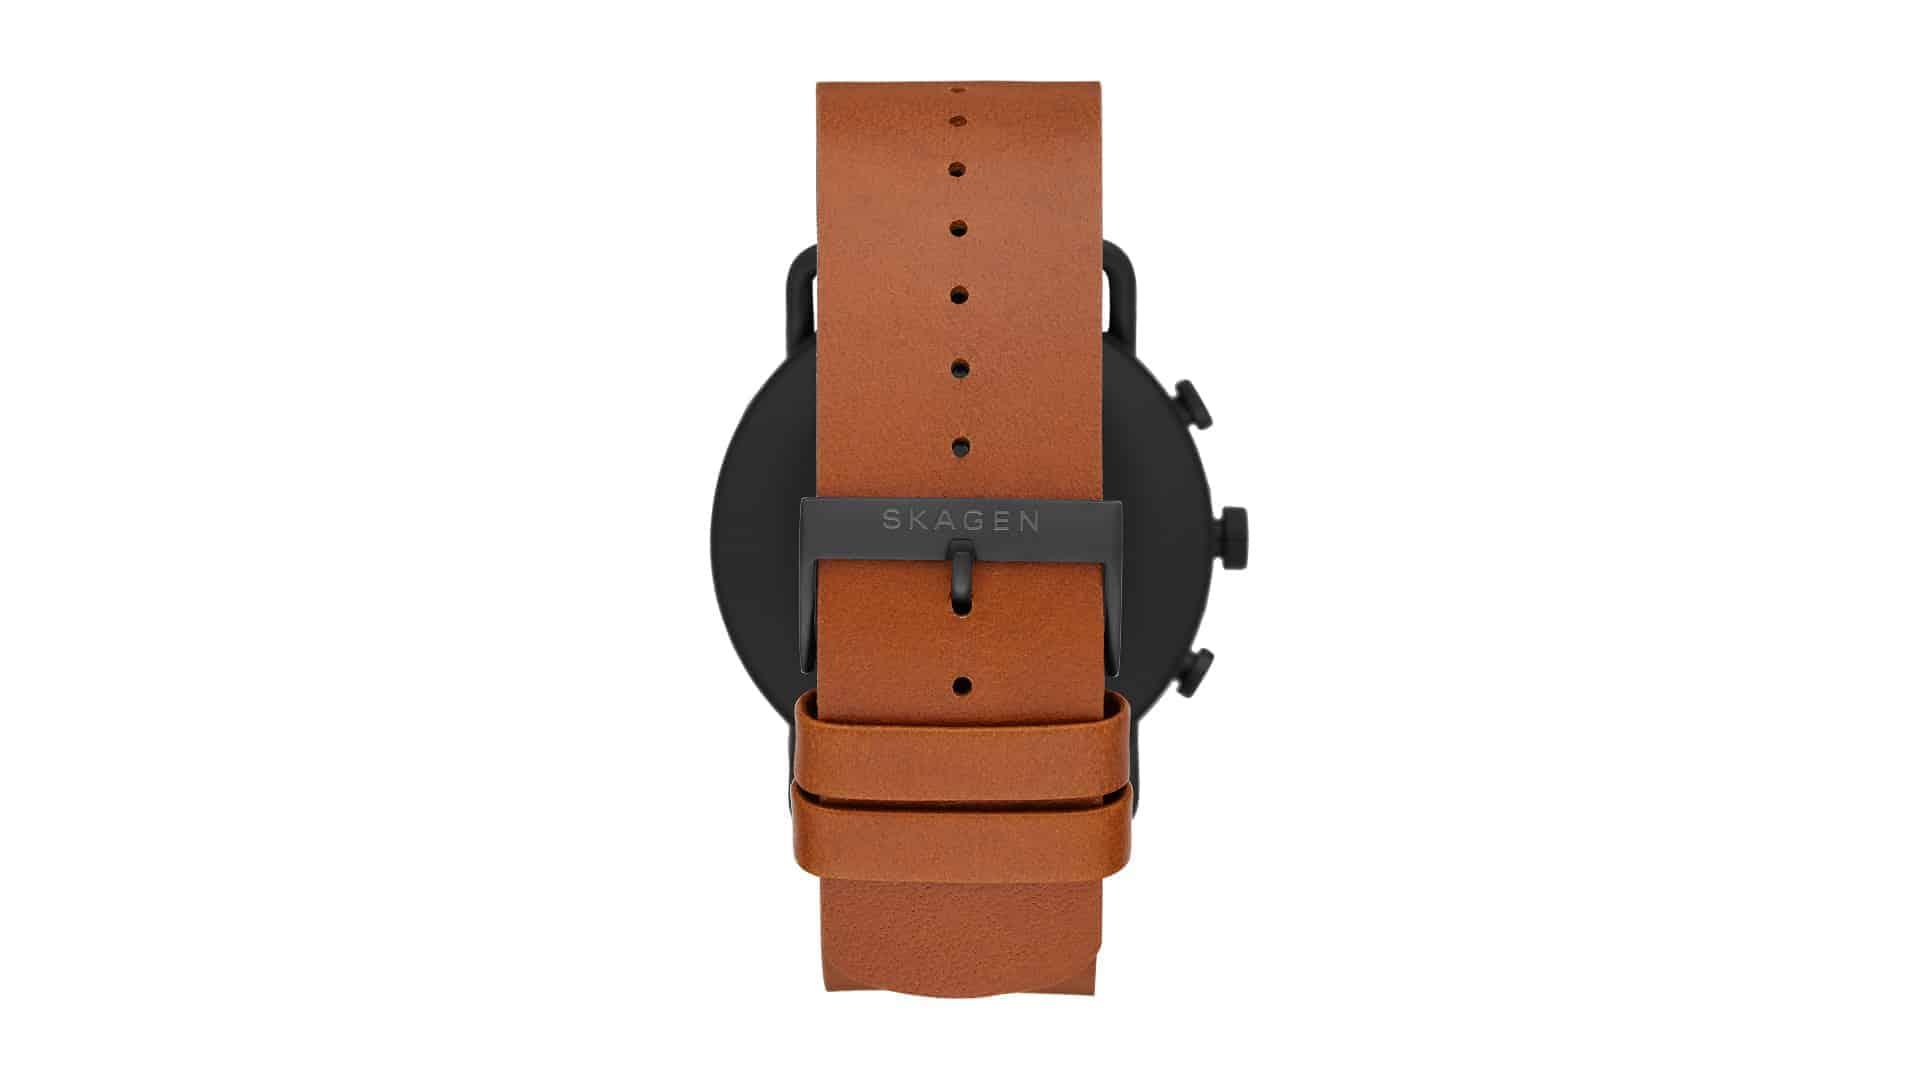 SKAGEN Falster 3 Wear OS Watch 12